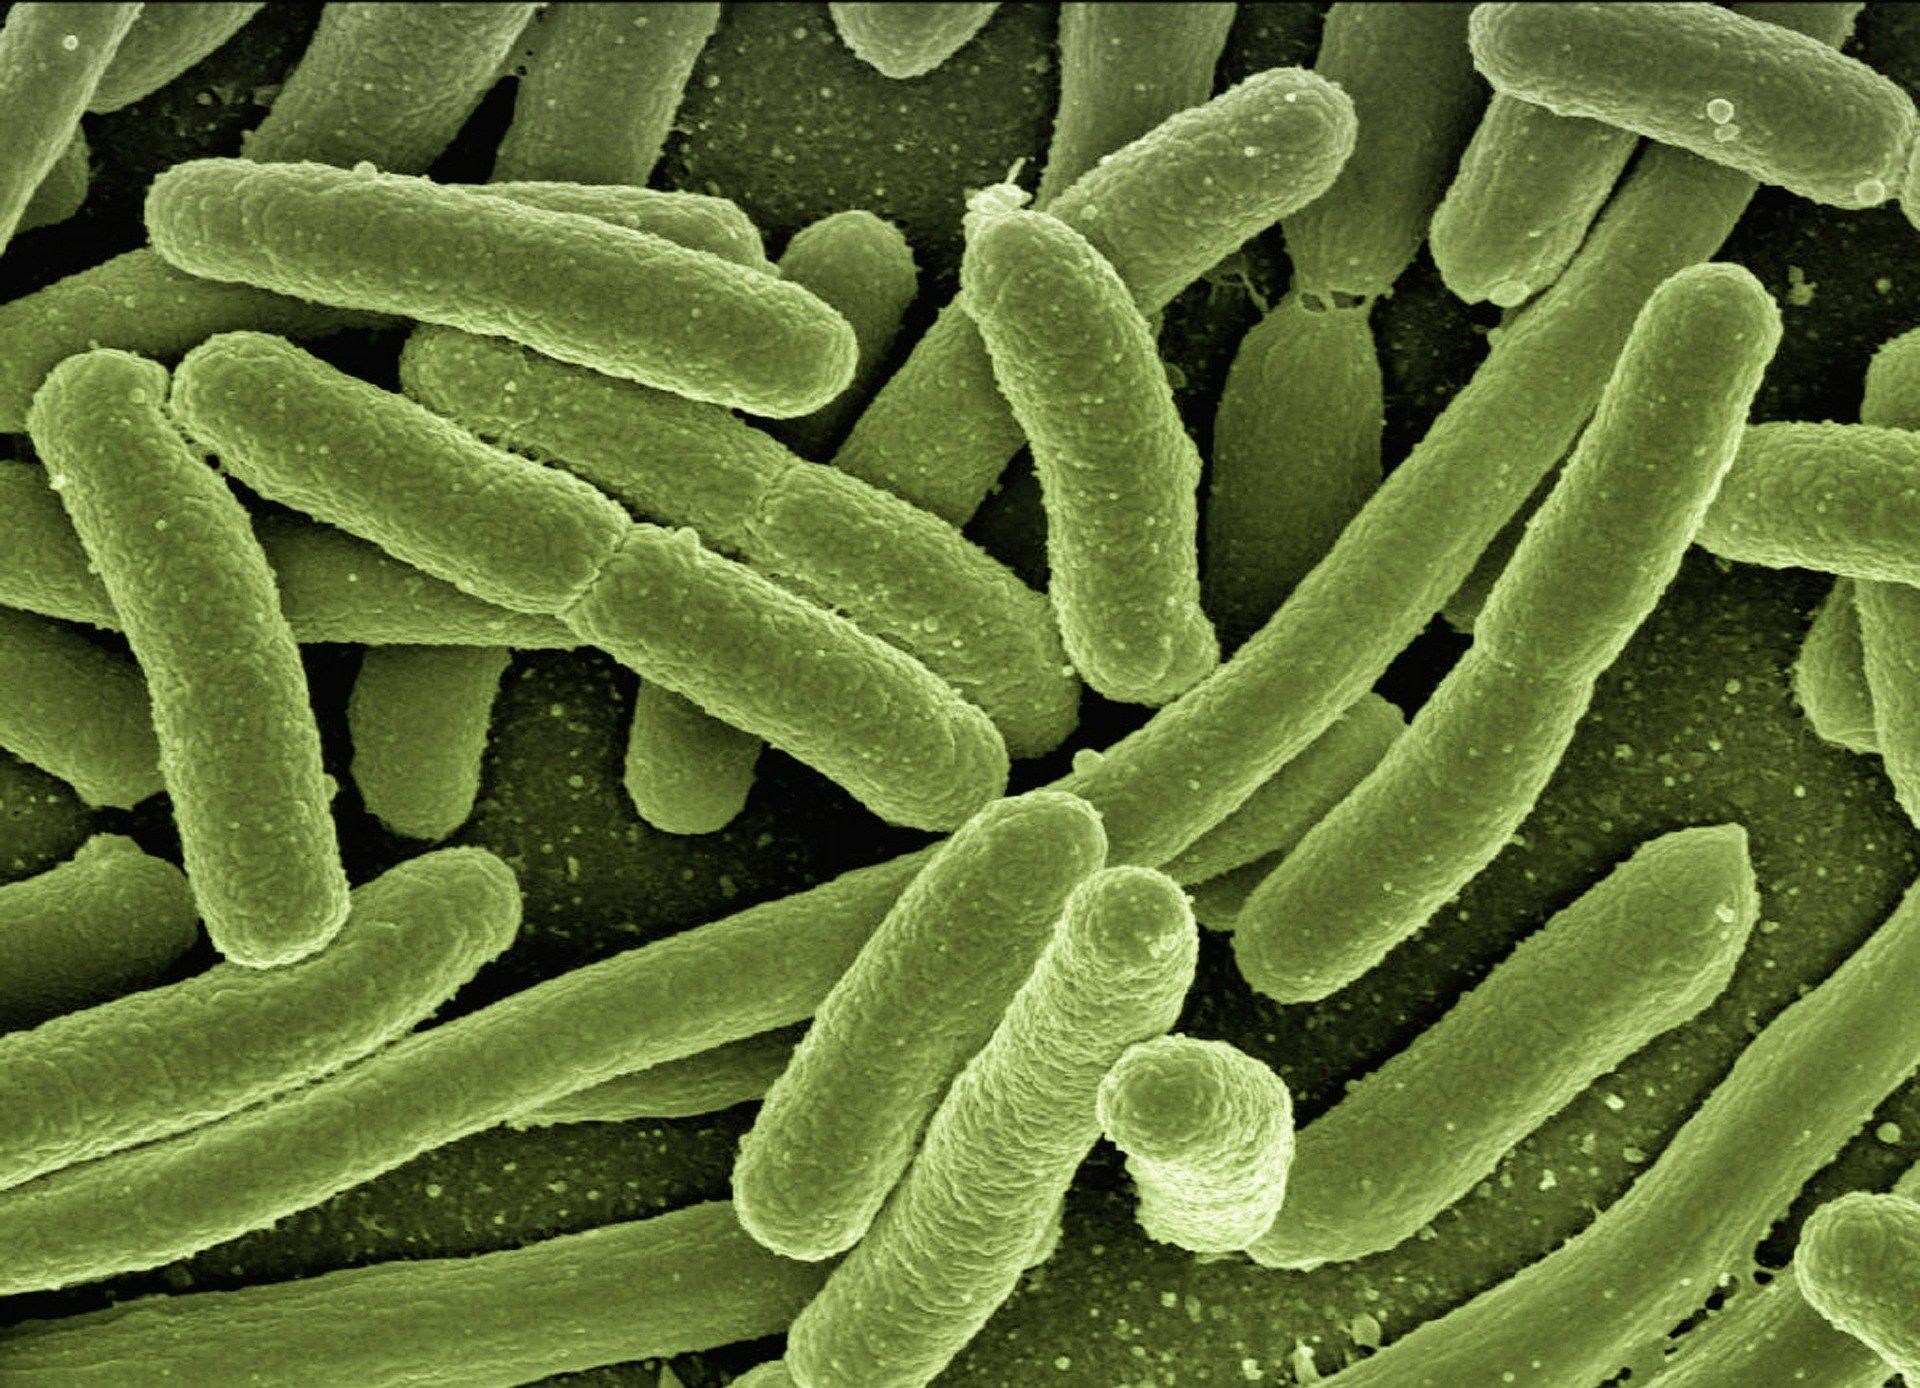 Landwirtschaft und Viehzucht brachten neue Krankheiten mit sich